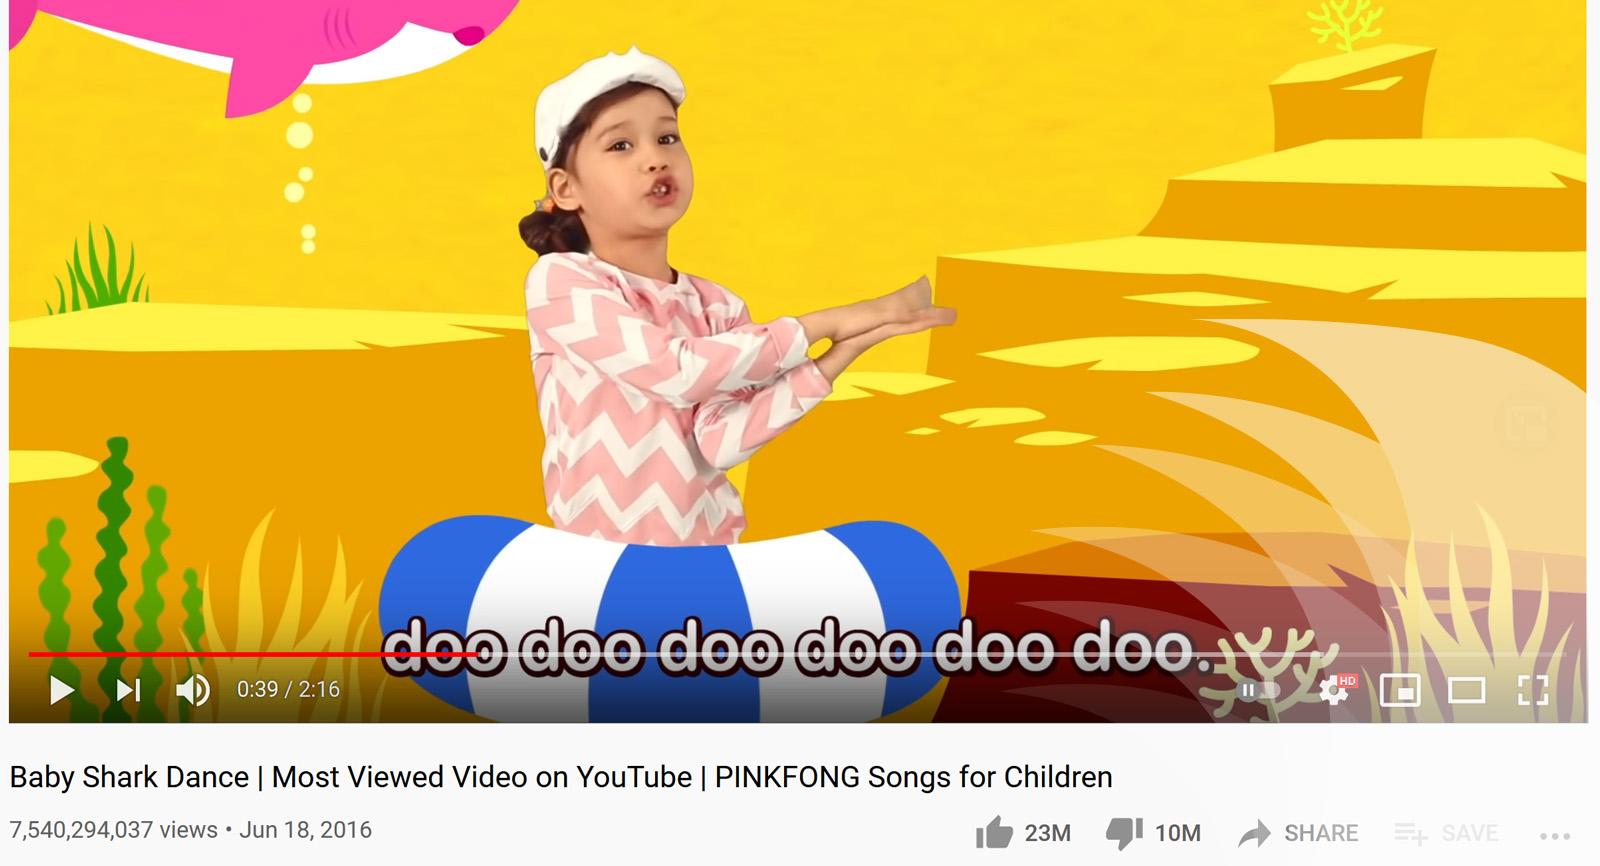 فيديو Baby Shark الأعلى مشاهدة في تاريخ يوتيوب بأكثر من 7 مليار 500 مليون مشاهدة البحرينية